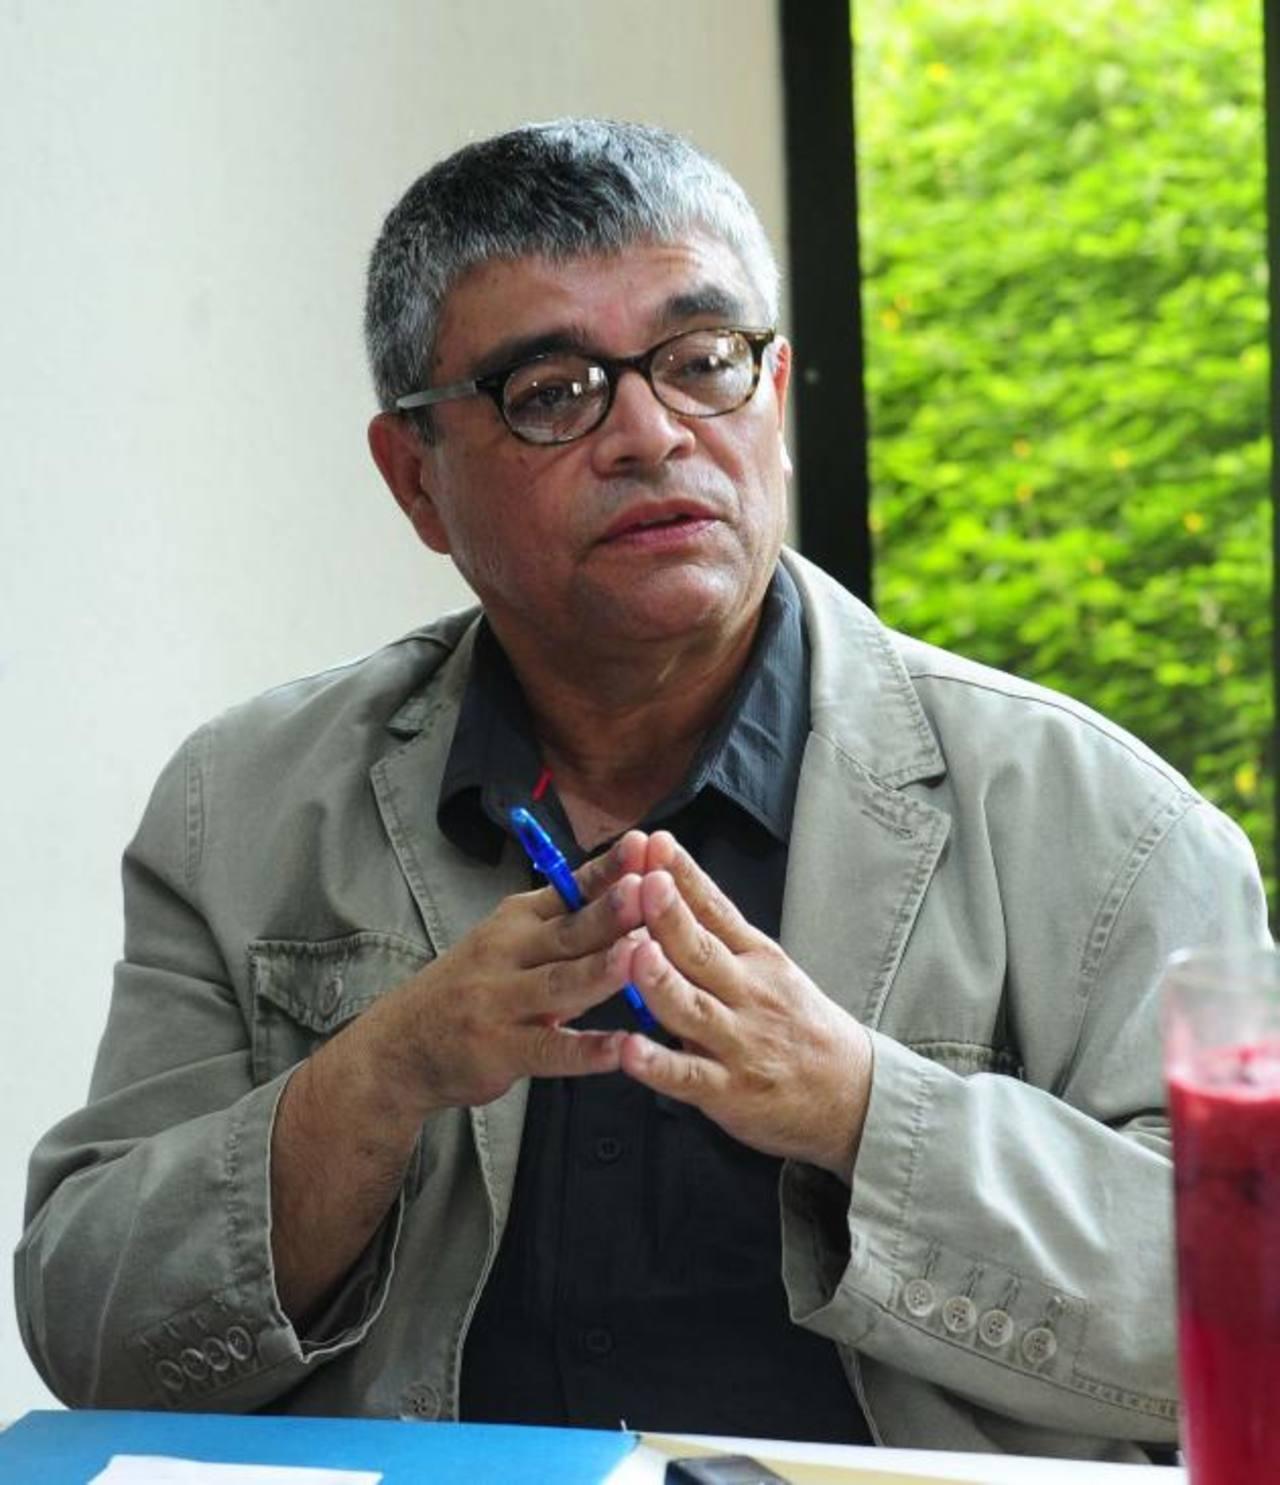 Ramón Rivas es miembro de la Universidad Tecnológica. Fue director de Patrimonio de la Secretaría de Cultura. Foto EDH